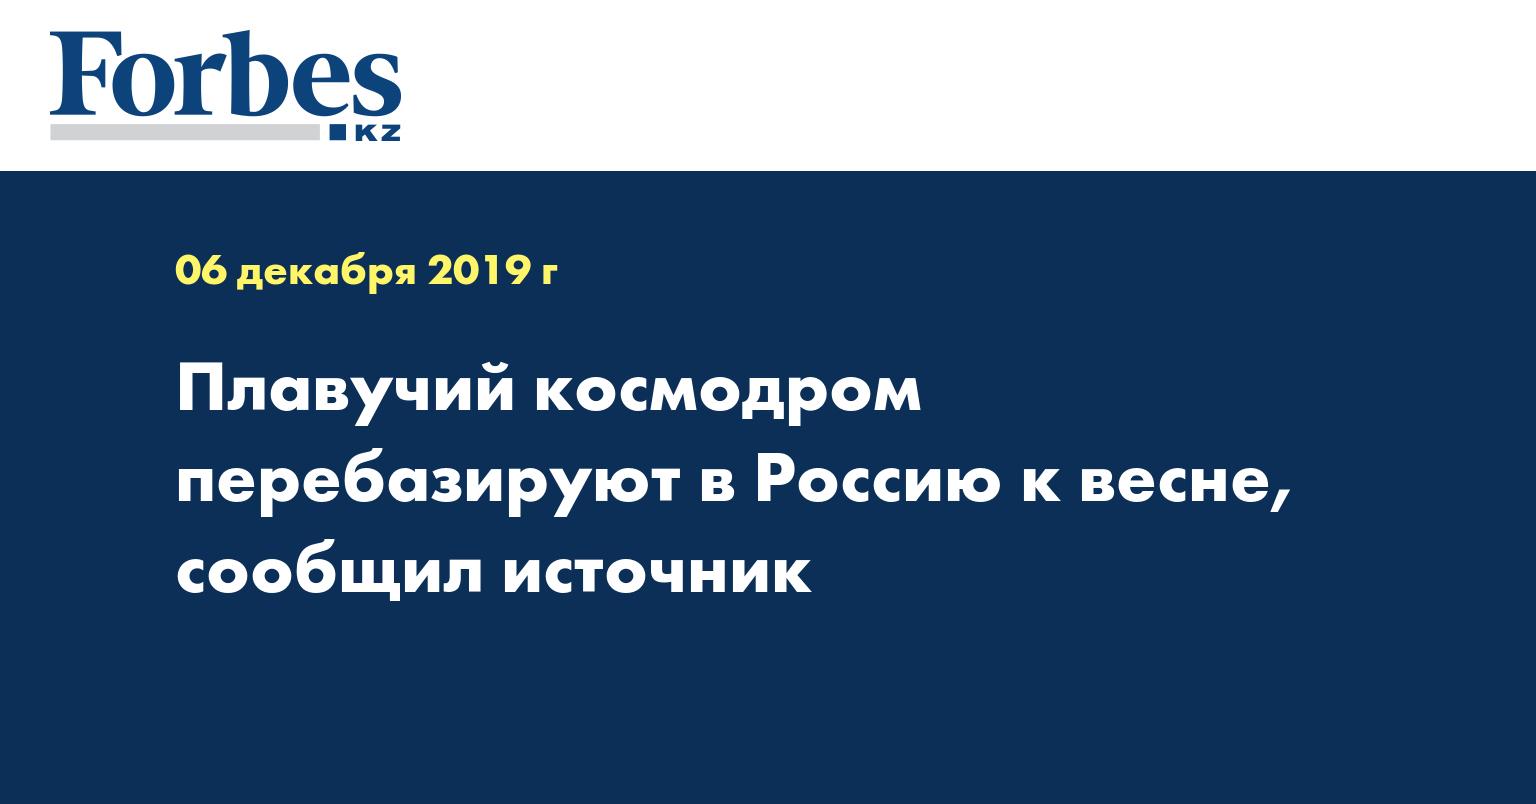 Плавучий космодром перебазируют в Россию к весне, сообщил источник